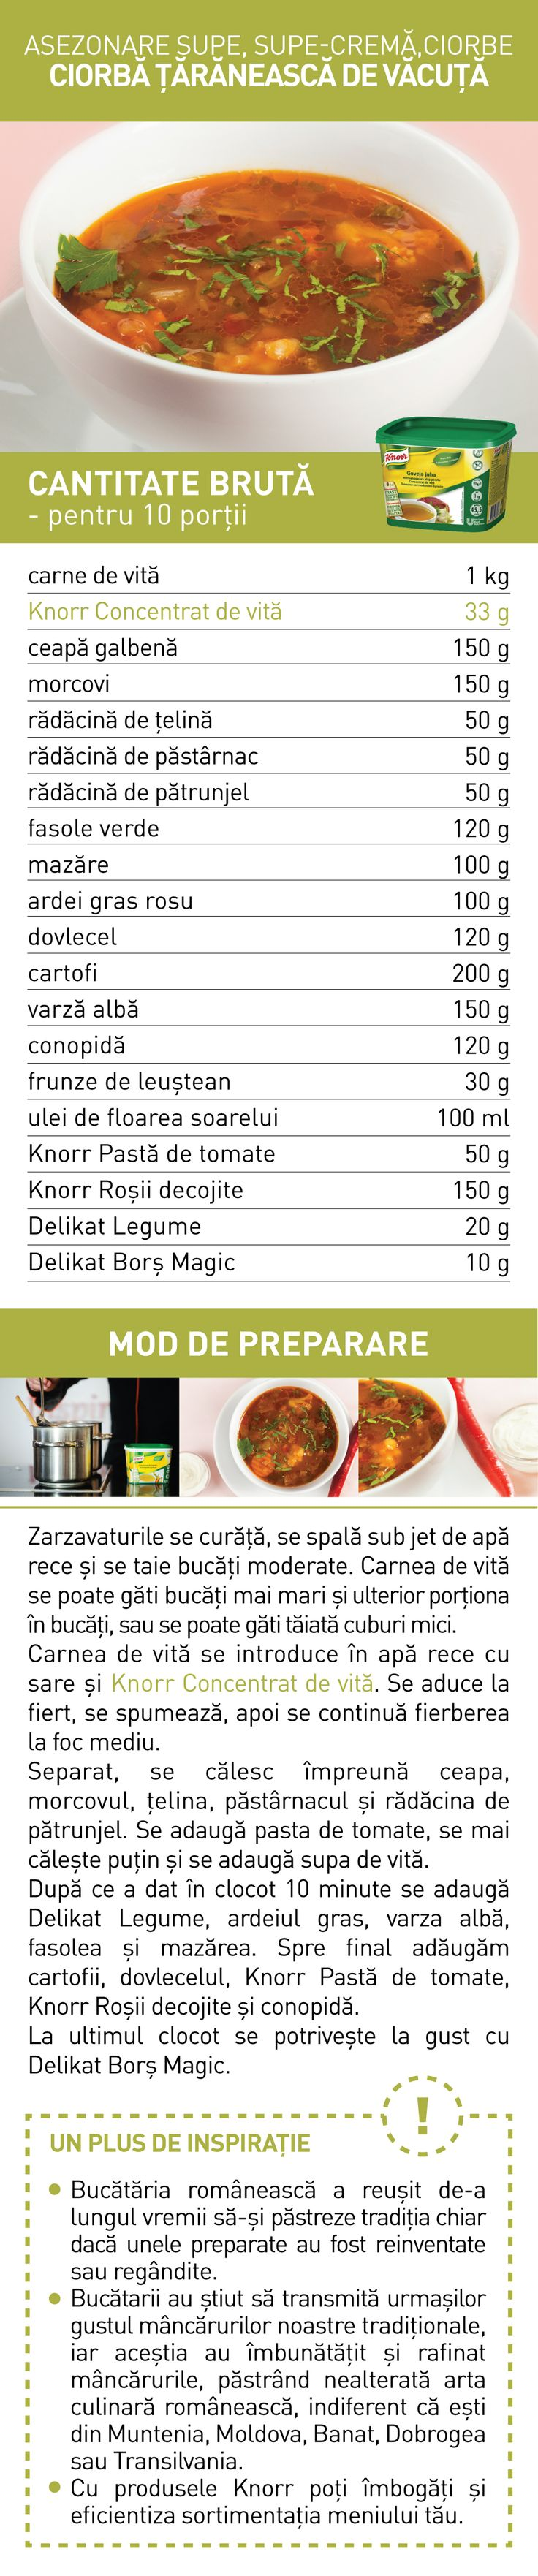 Asezonare supe, supe-crema, ciorbe (V) - RETETE